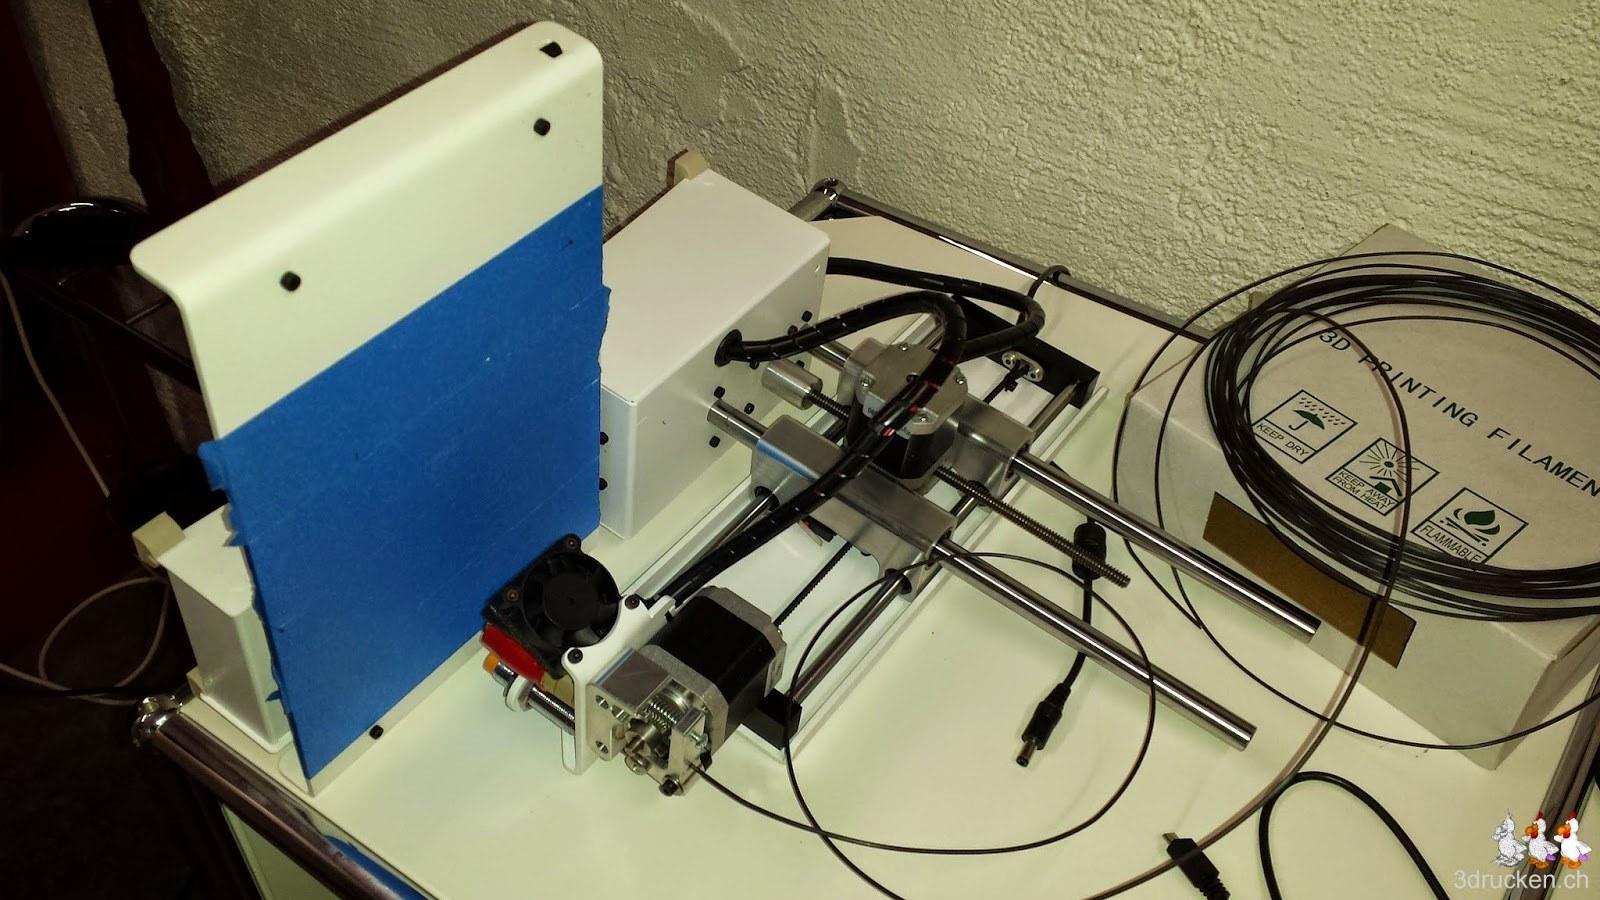 Foto des für die Wartung auf der Seite liegenden Printrbot Simple Metal